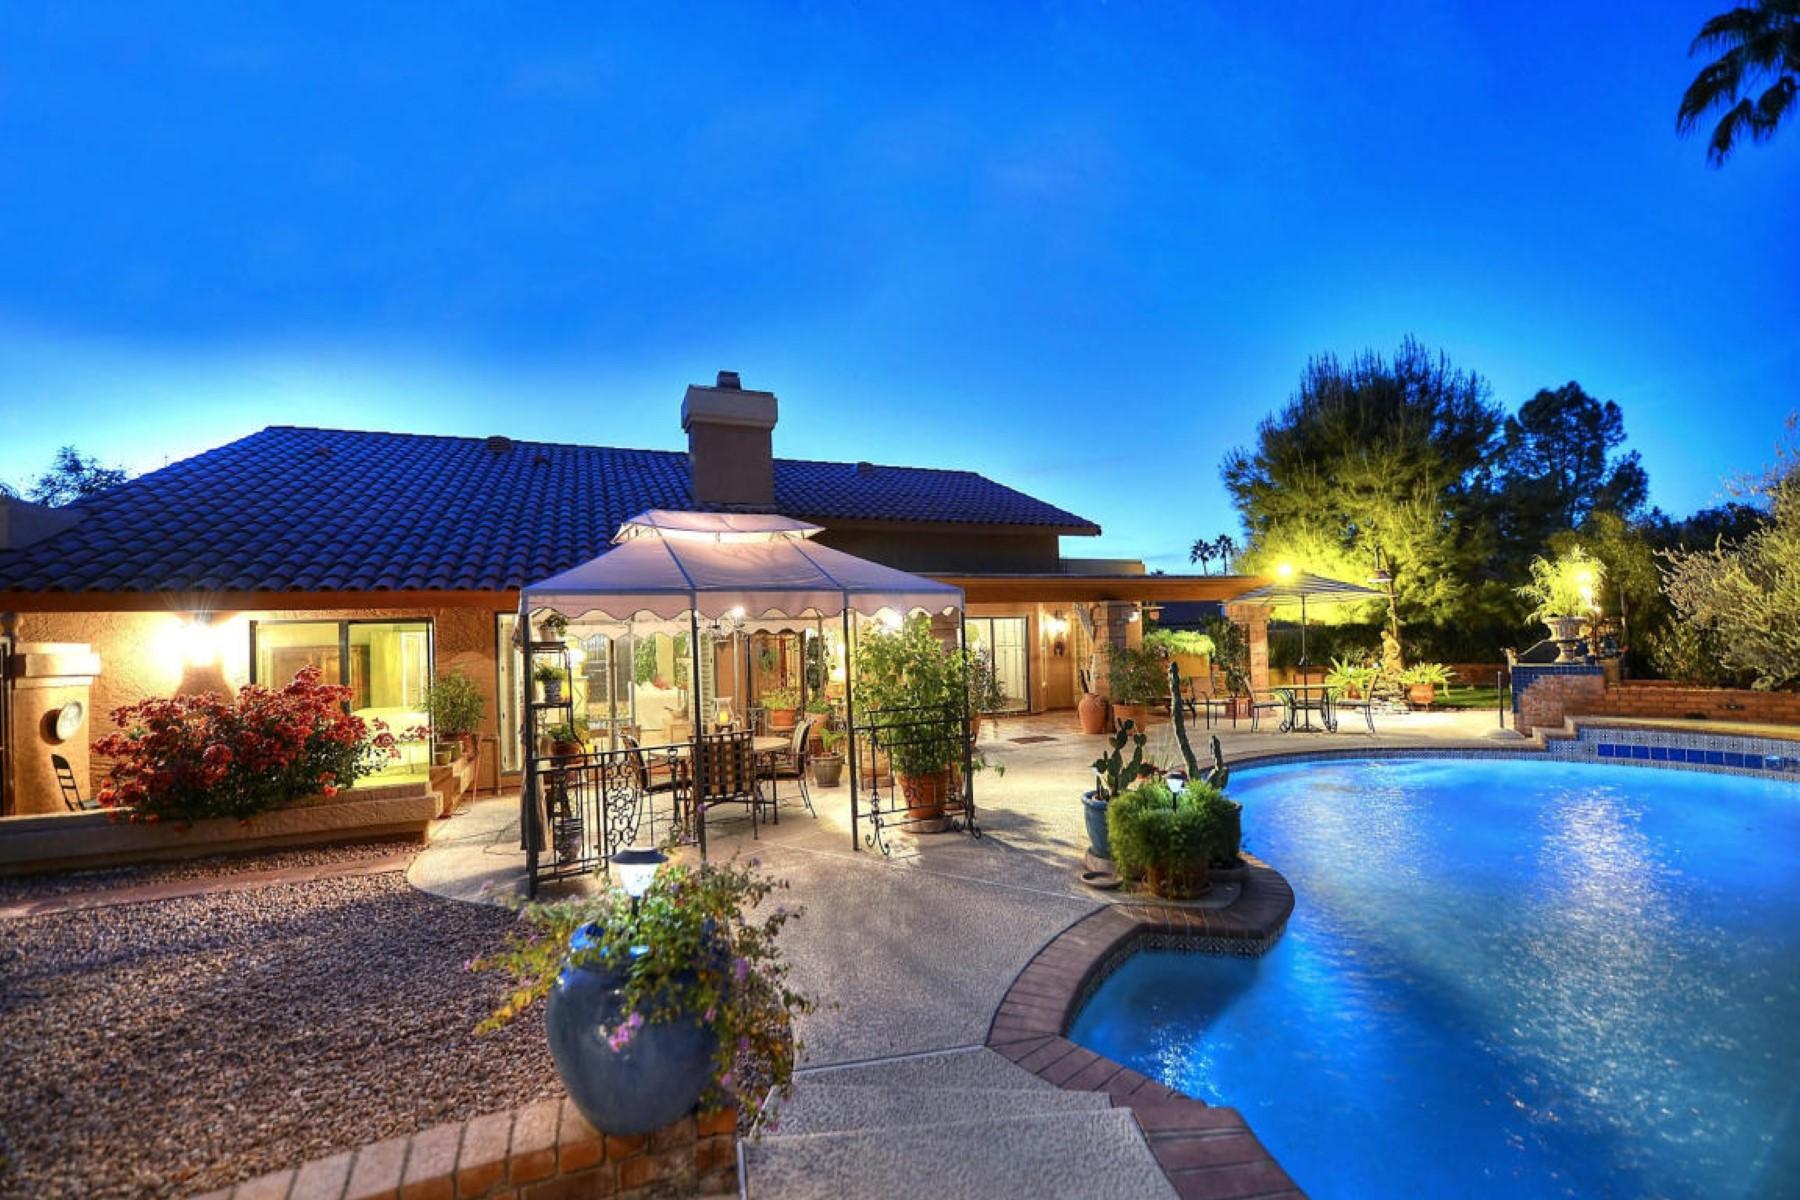 단독 가정 주택 용 매매 에 Beautiful home is full of soul and enchants the senses 9135 N 106TH PL Scottsdale, 아리조나 85258 미국